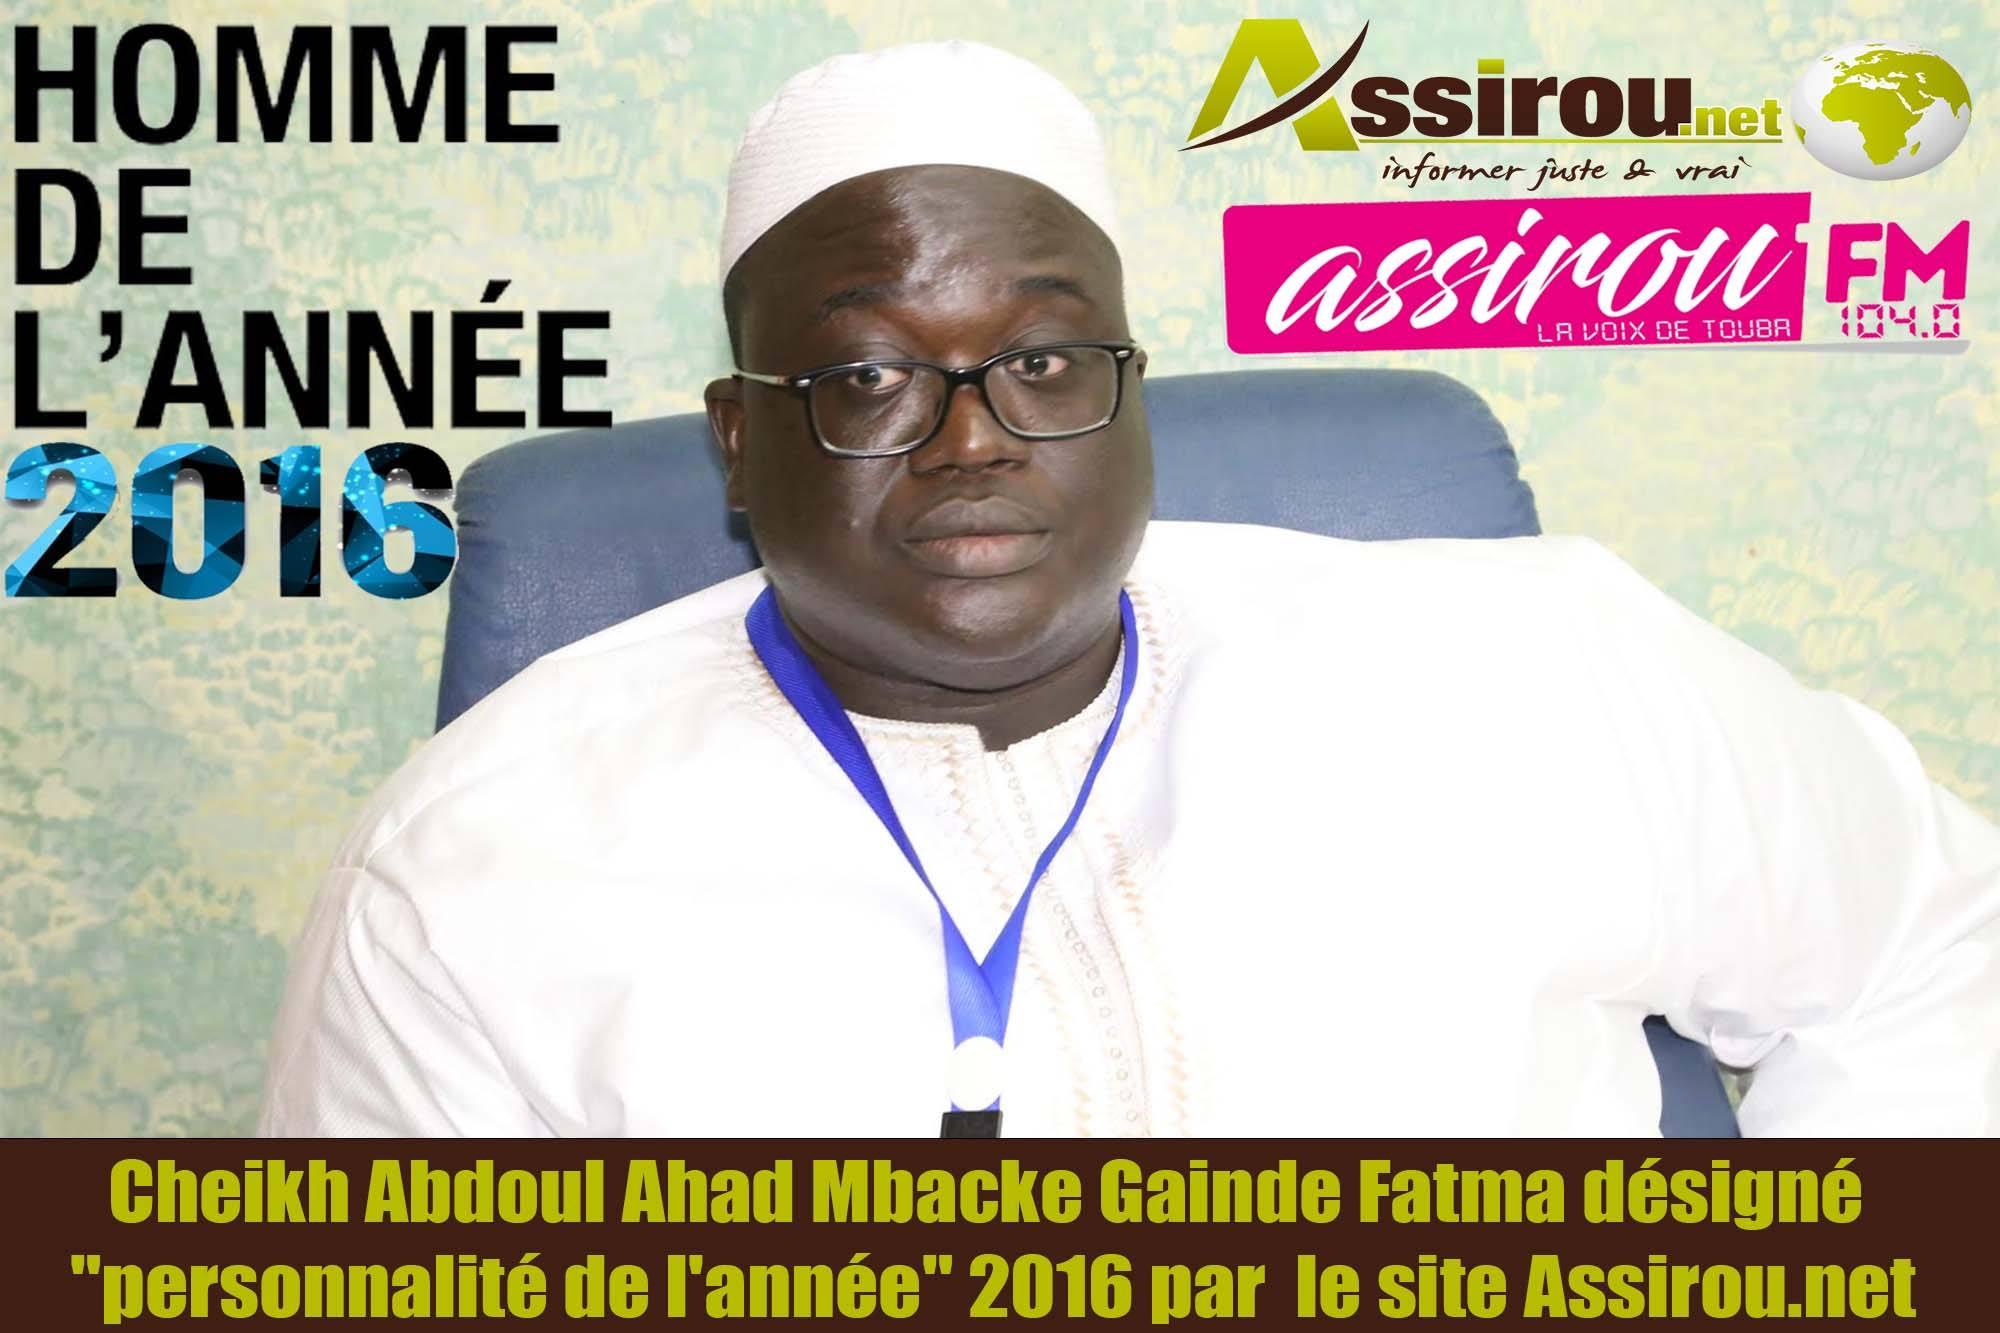 Cheikh Abdoul Ahad Gaïndé Fatma, tête de liste de BBY à Mbacké: Haute mission pour un homme de haute descendance lignagère